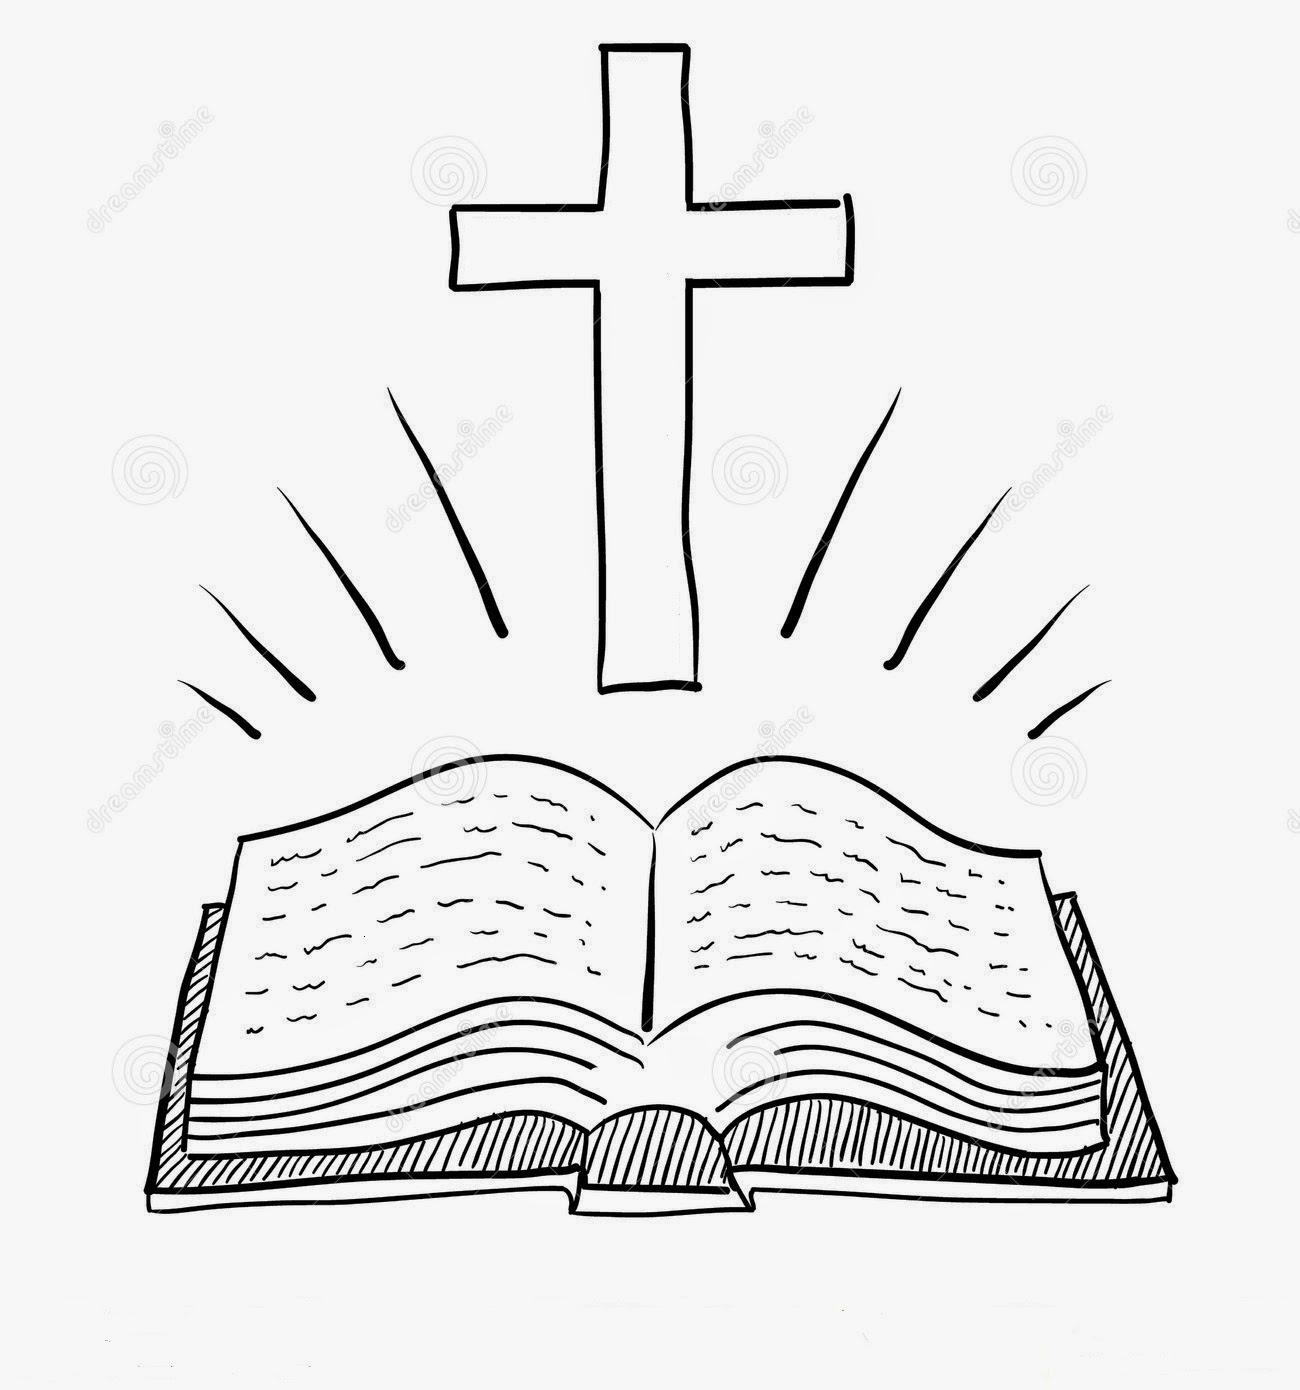 igreja evangélica caminho celeste a mensagem da cruz